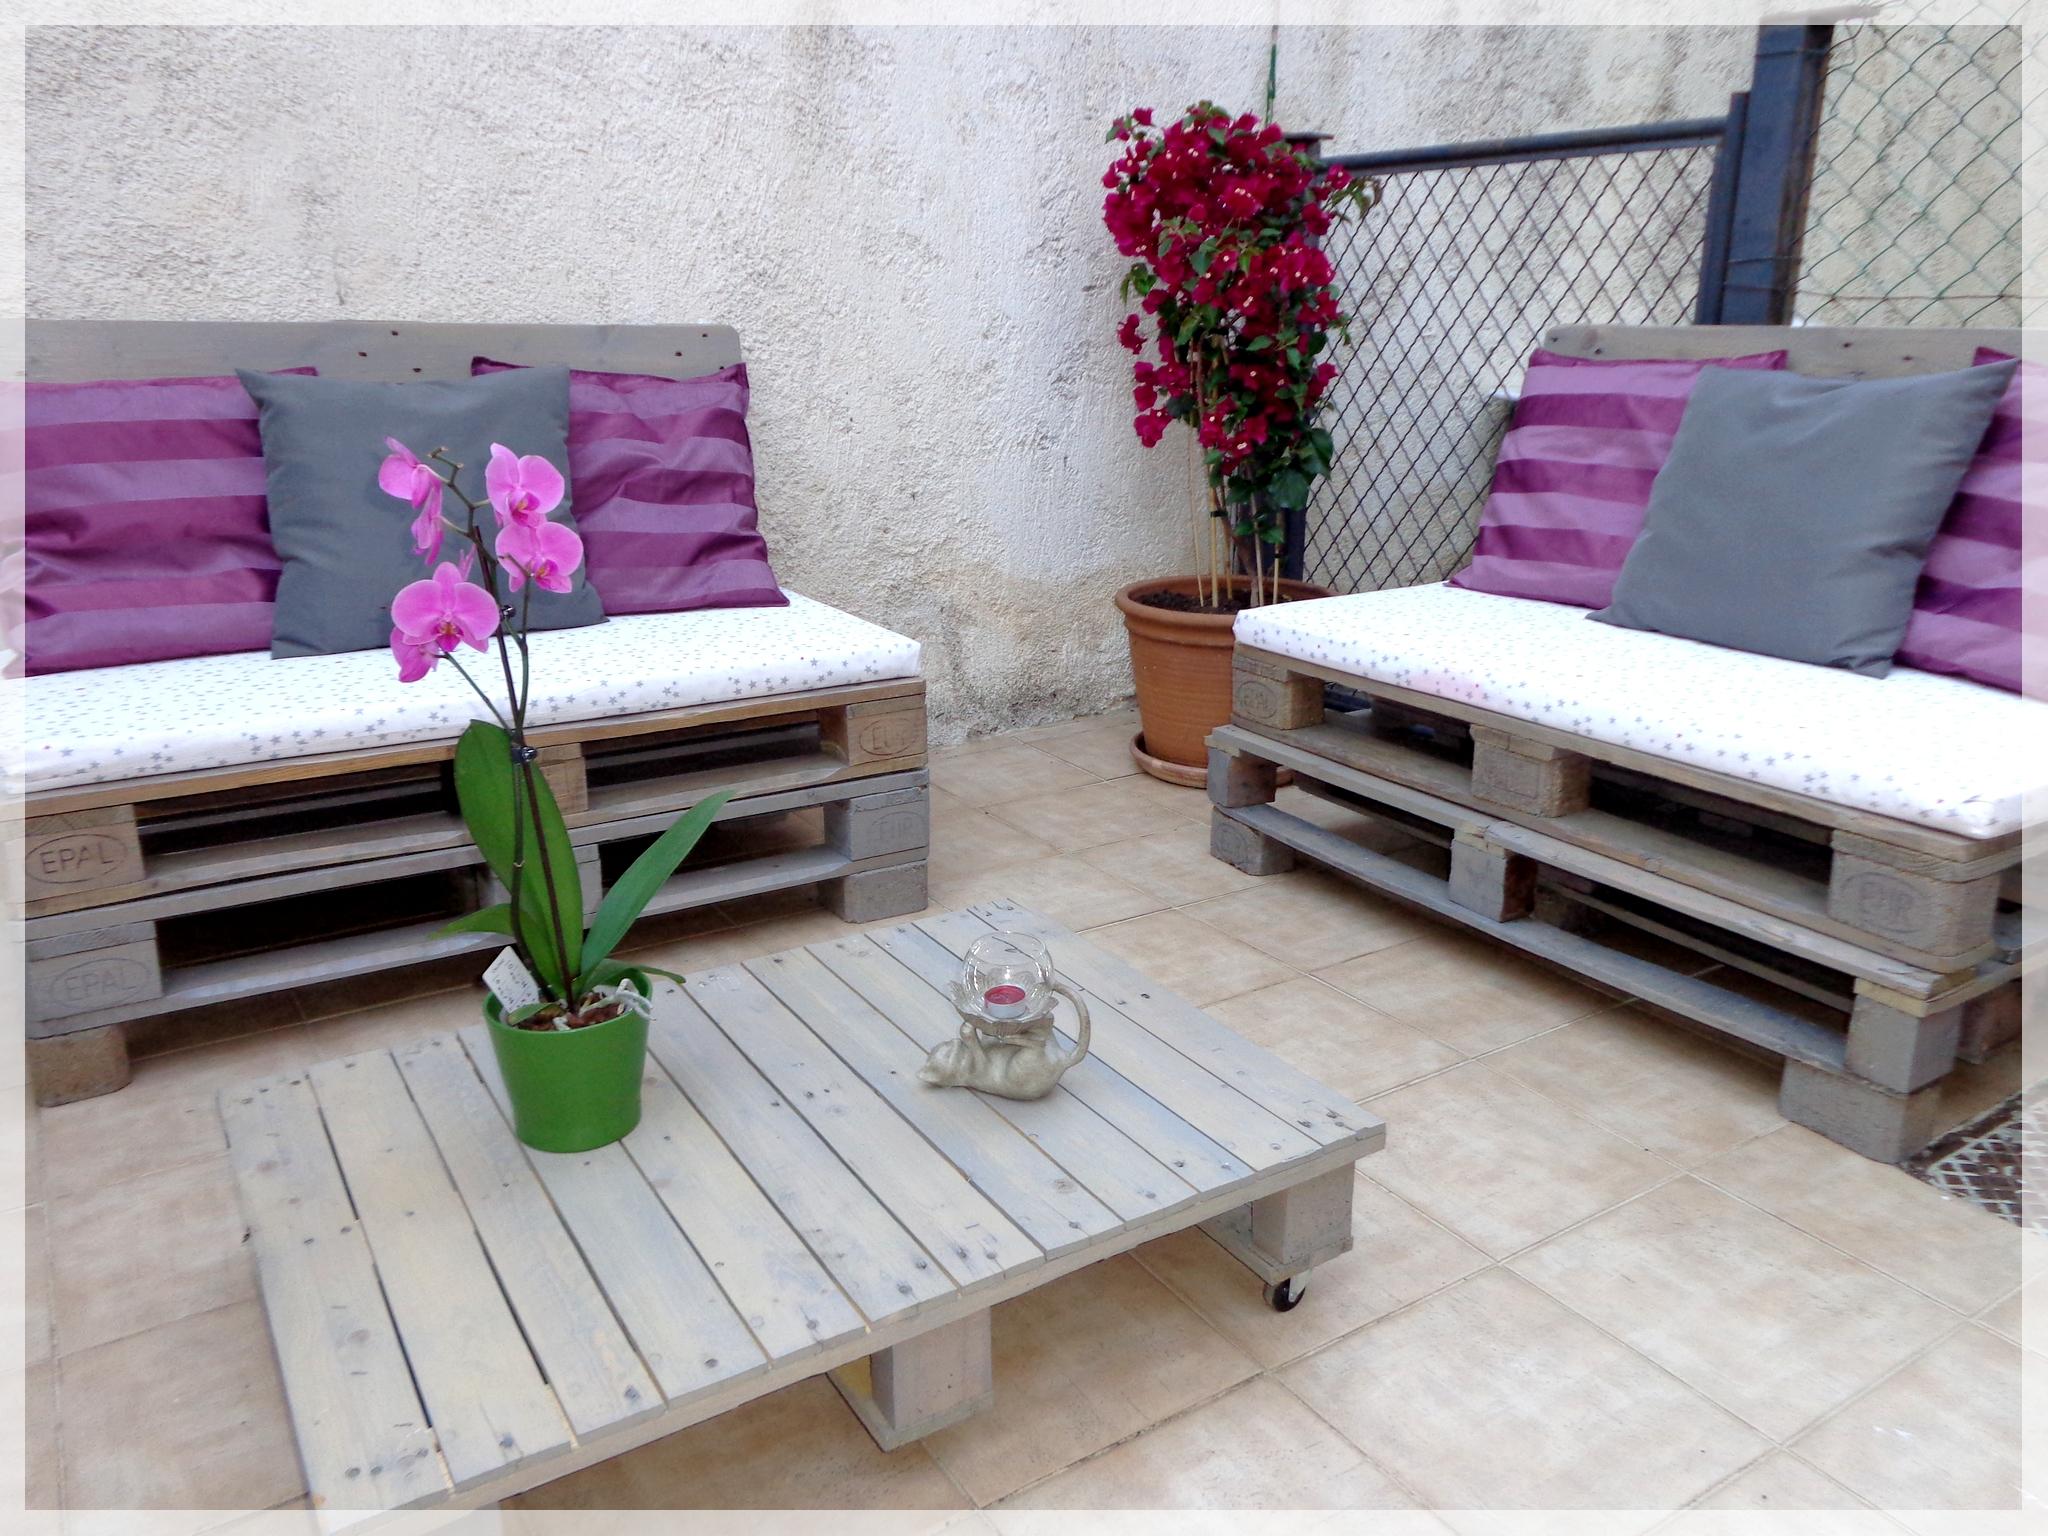 Plan salon de jardin palette europe - Jardin piscine et Cabane